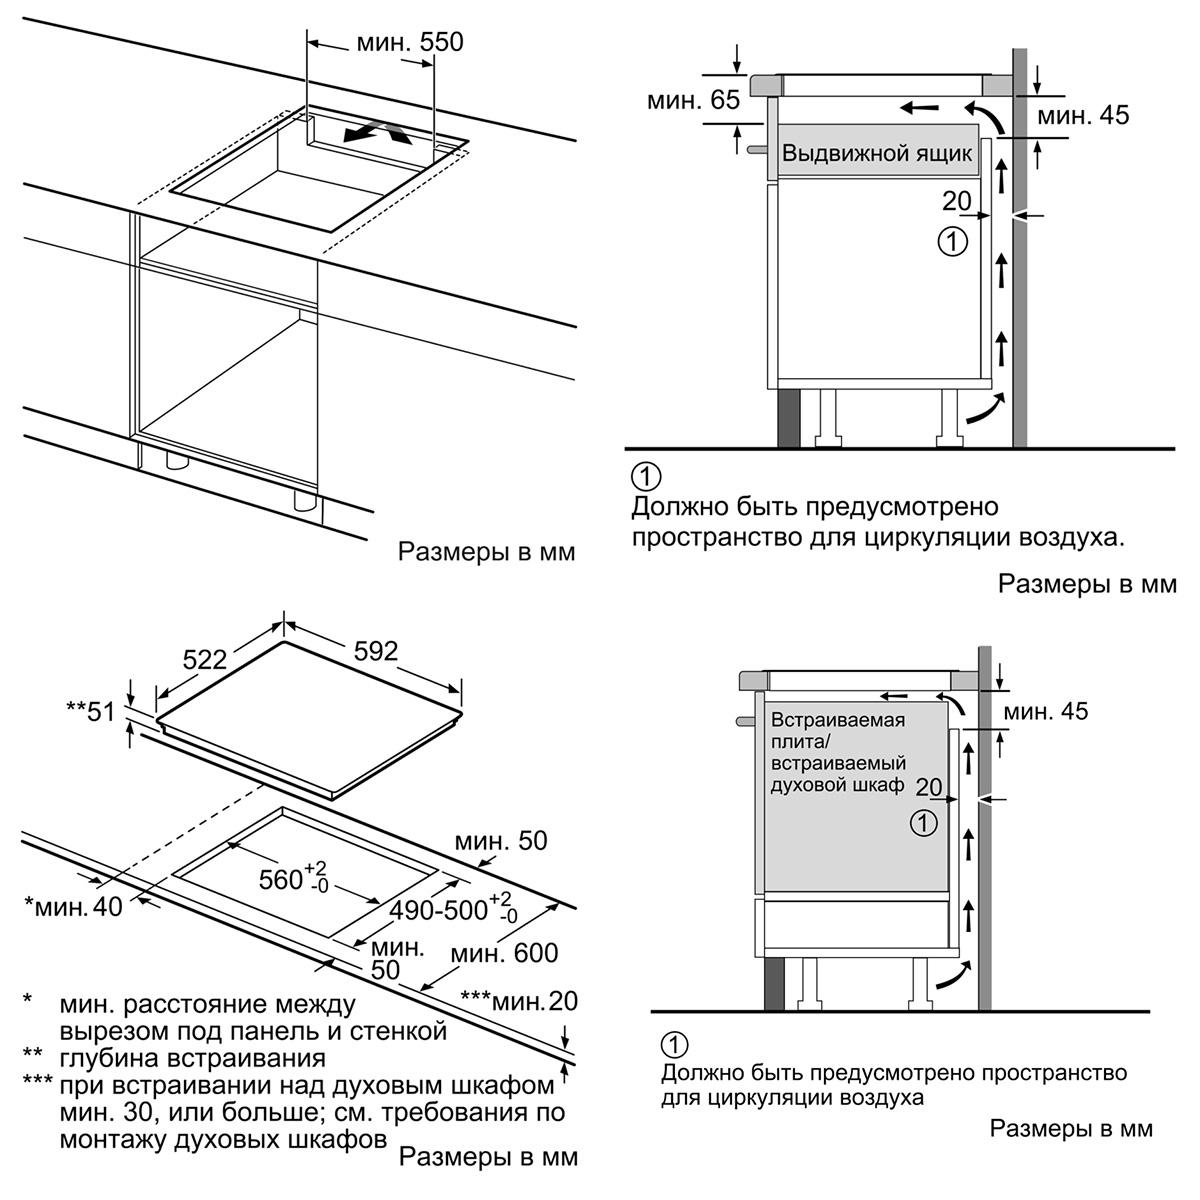 Схема встройки варочной панели фото 718